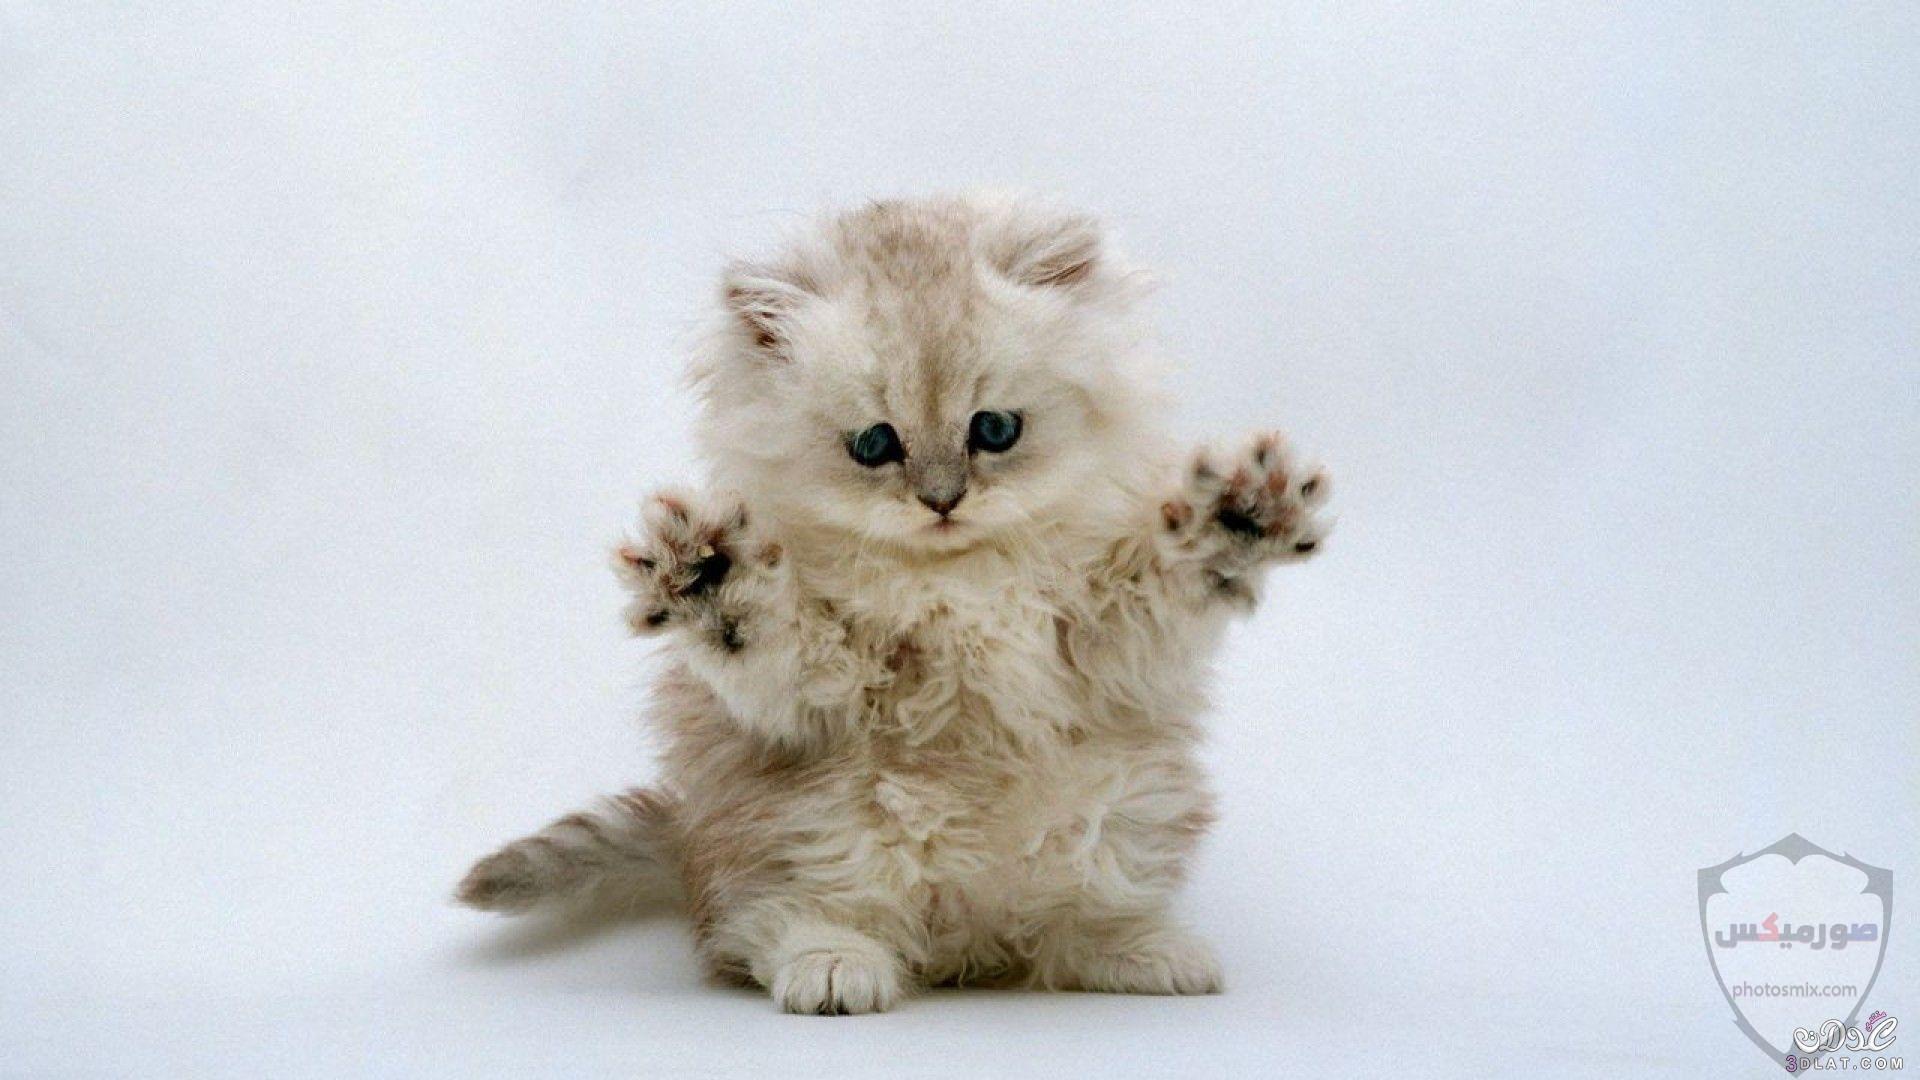 صور رمزيات حيوانات قطط كلاب ارانب كيوت خلفيات حيوانات جميلة للفيس بوك 10